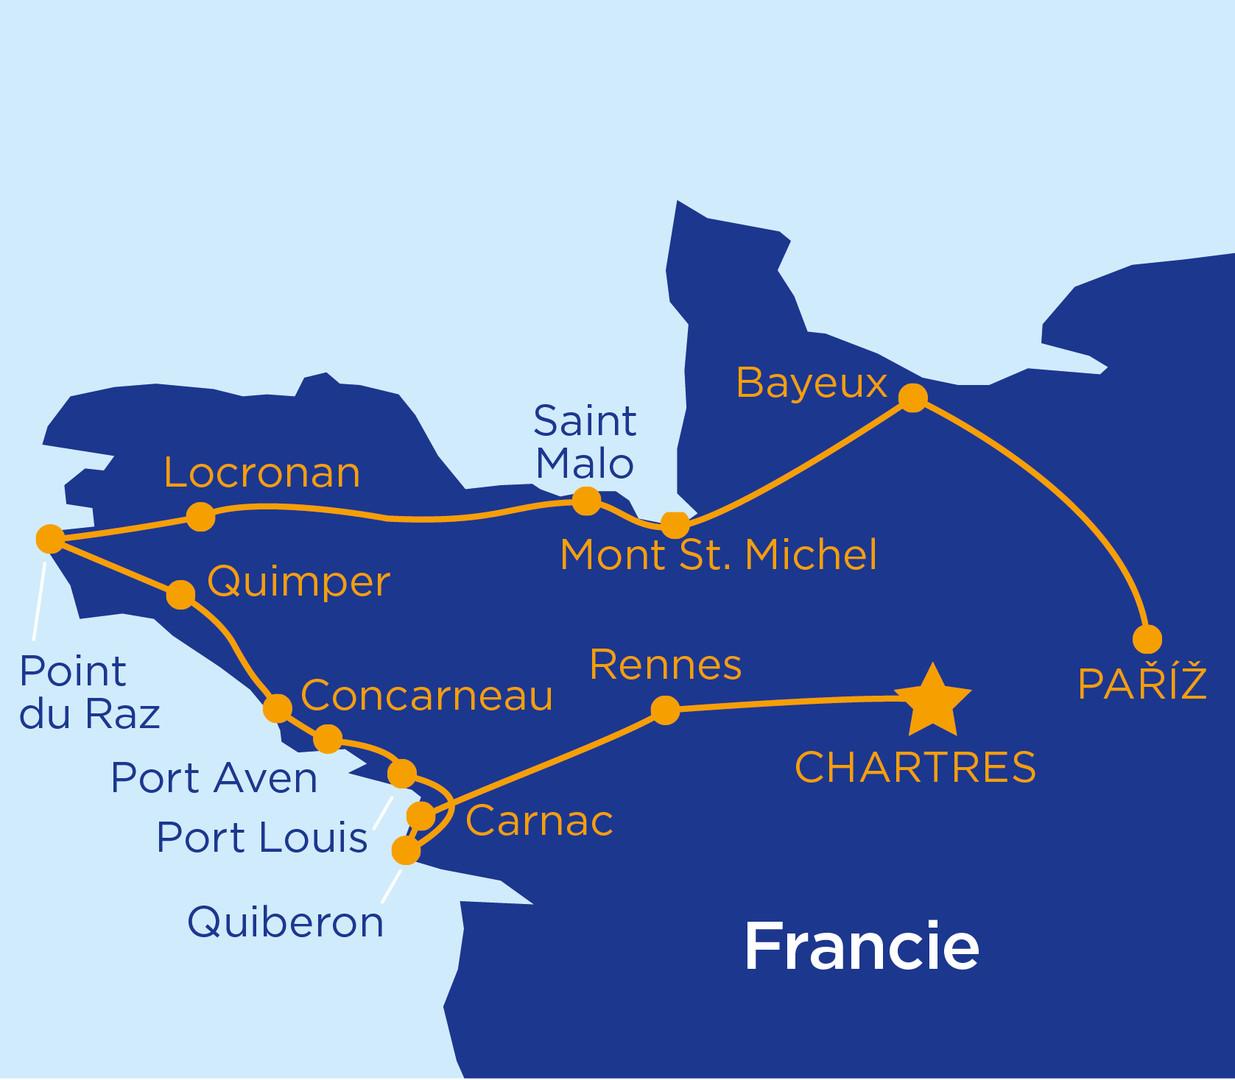 Bretaň a Normandie - perly Francie (autobusem) #2